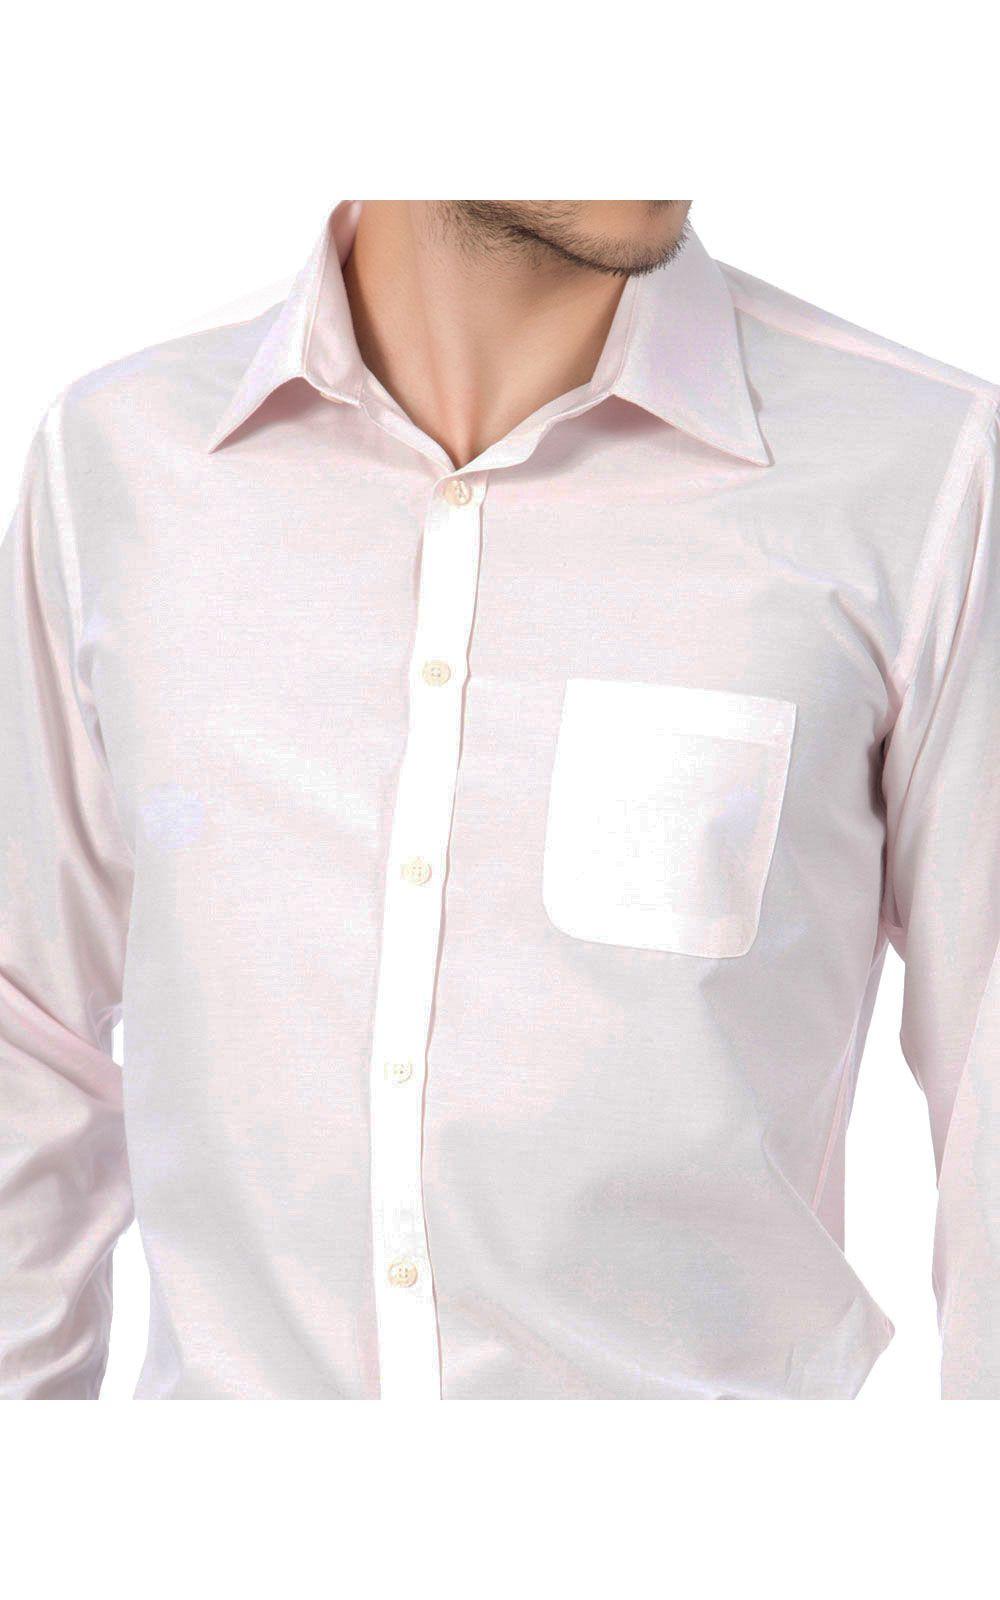 Foto 2 - Camisa Social Masculina Rosa Lisa